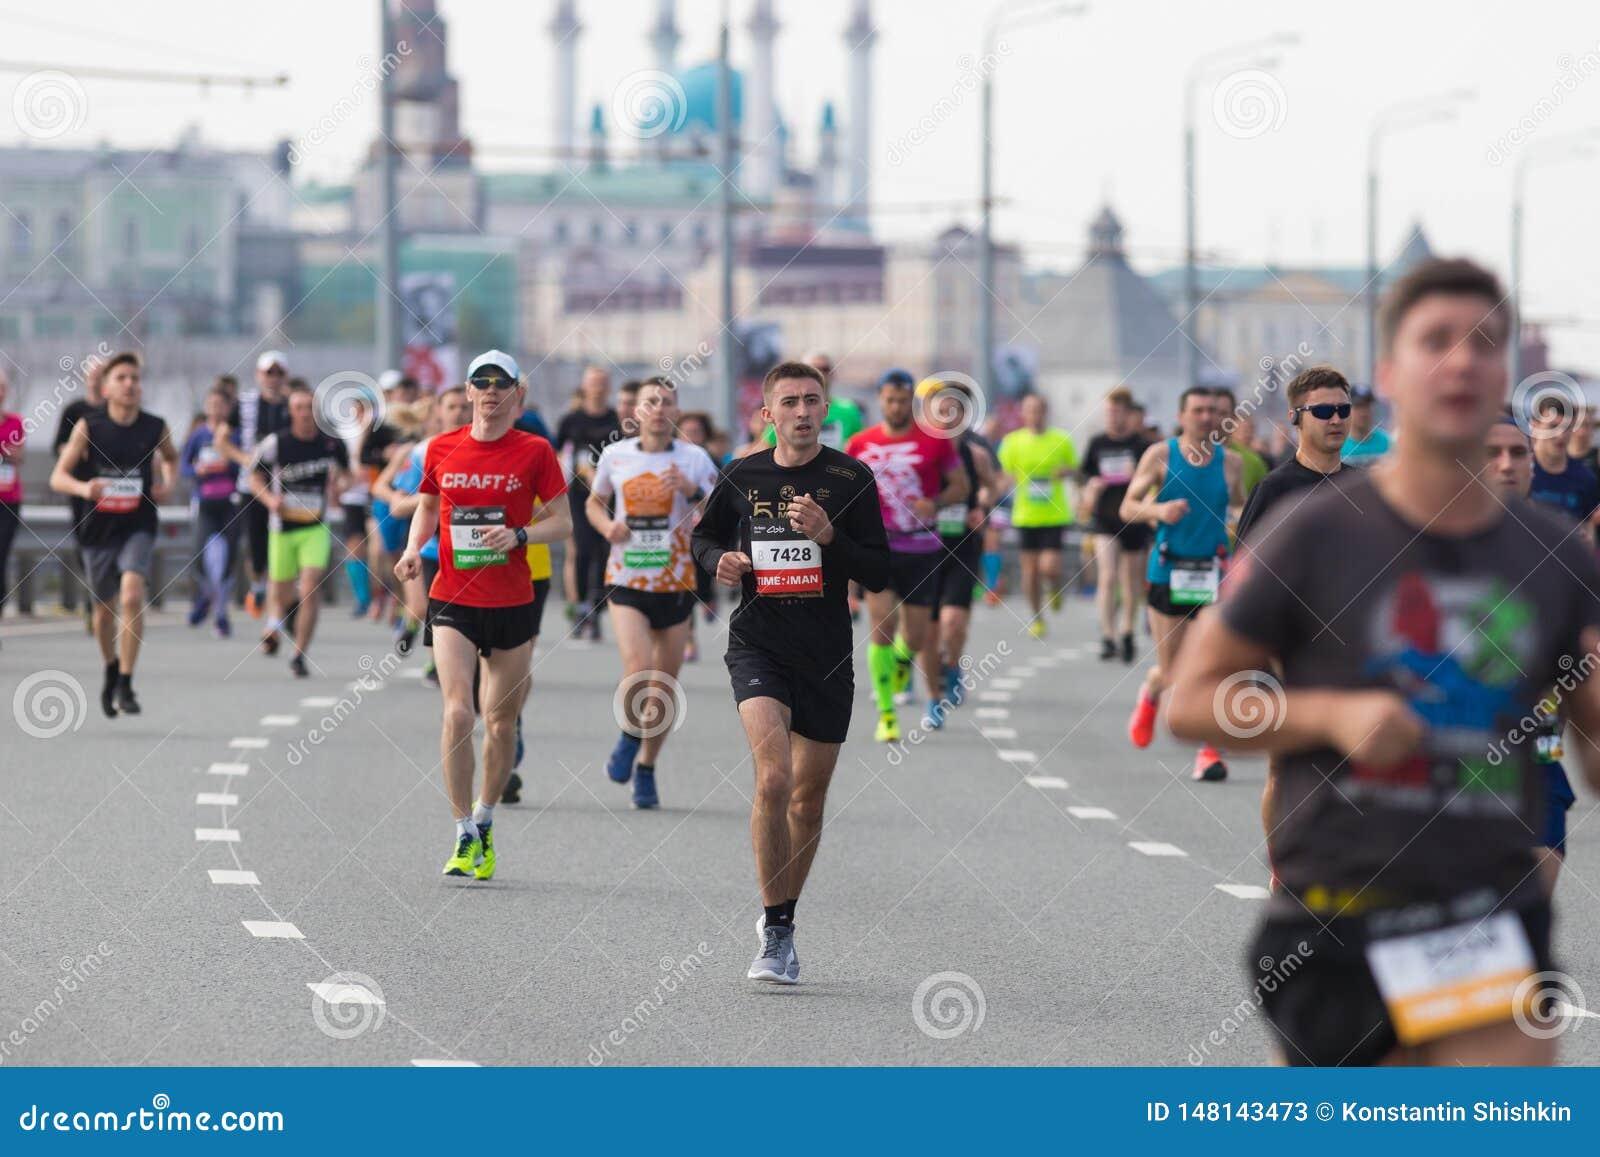 05-05-2019 RUSSIA, KAZAN: Running Marathon In The City ...